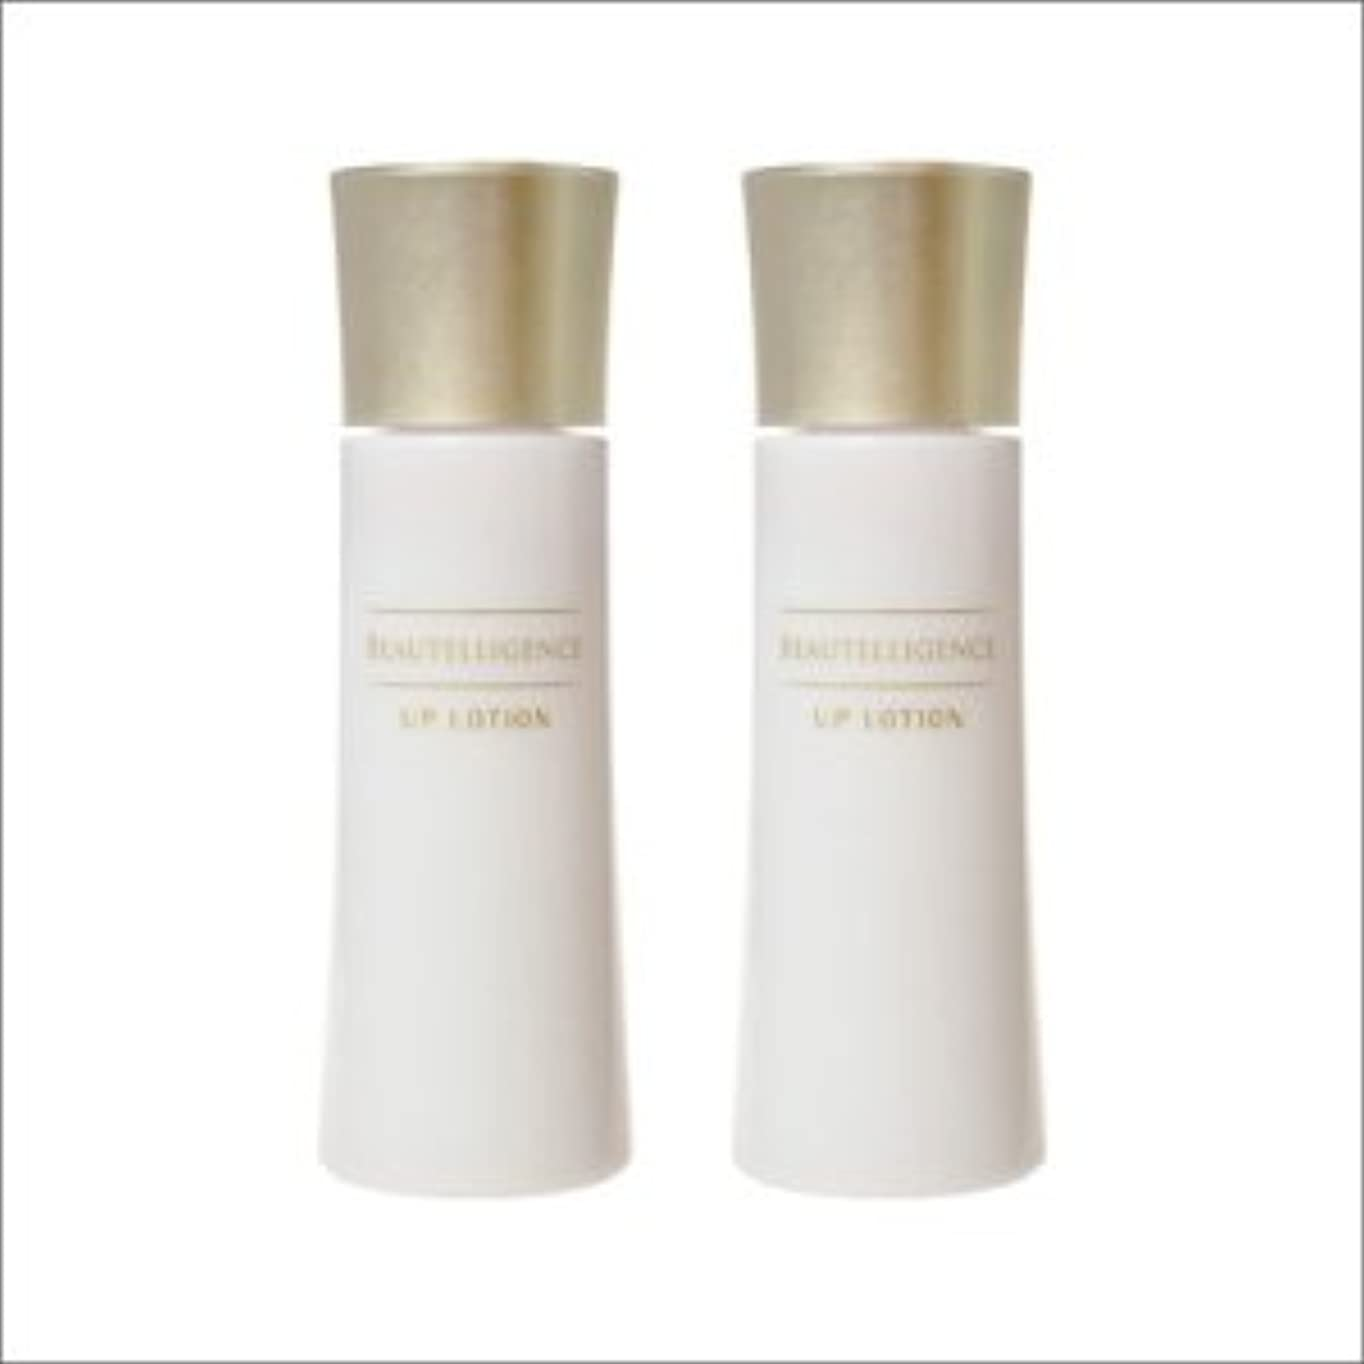 寝てるもっと相関する2本セット アップローション ひきしめ 化粧水 美容液 ハリ NEWA オシリフト グリシルグリシンエイジングケア